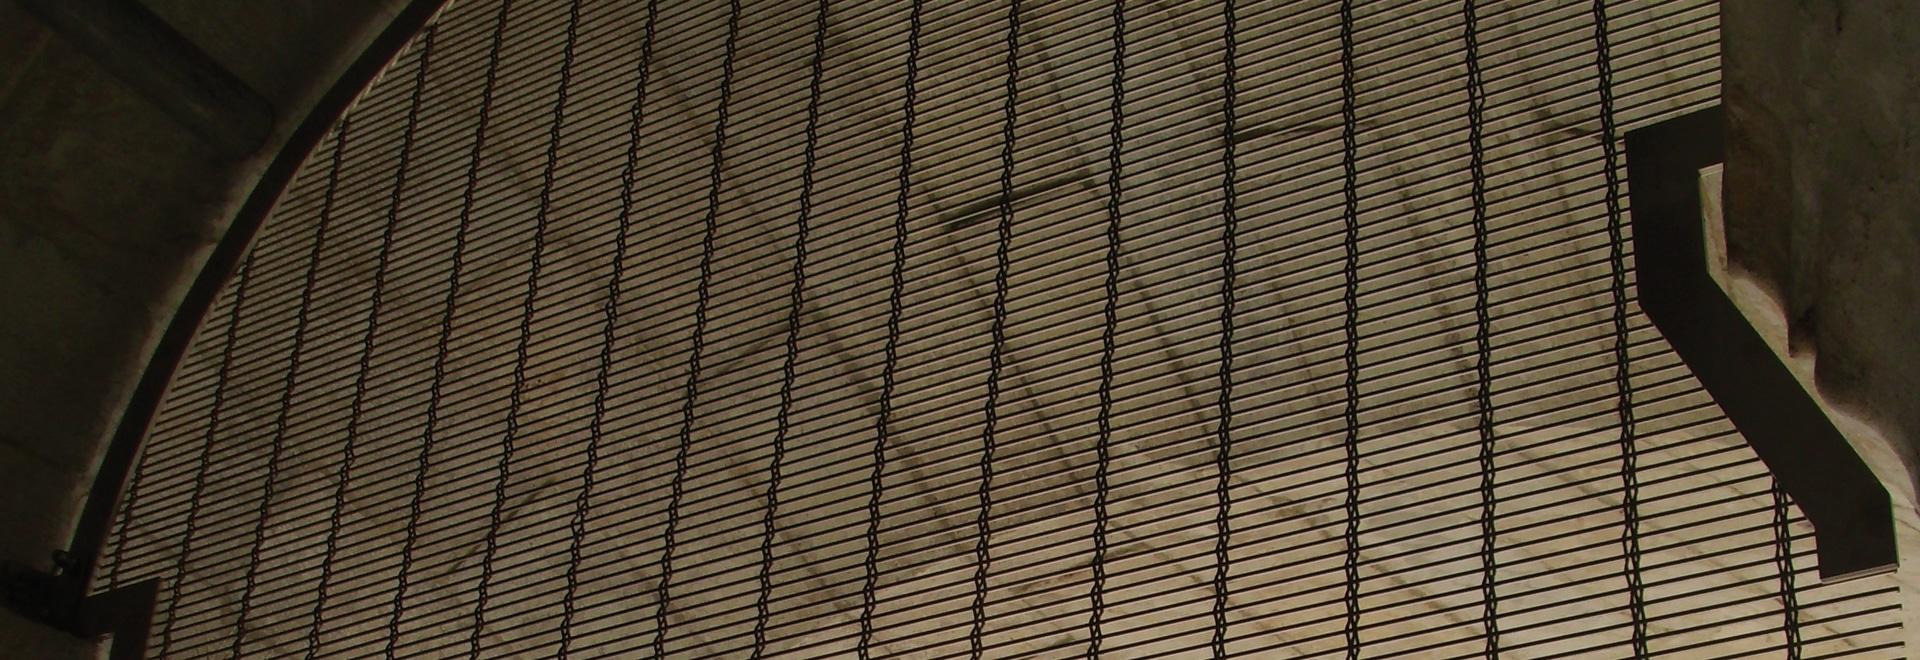 Vogelschutz am Turm von Pisa